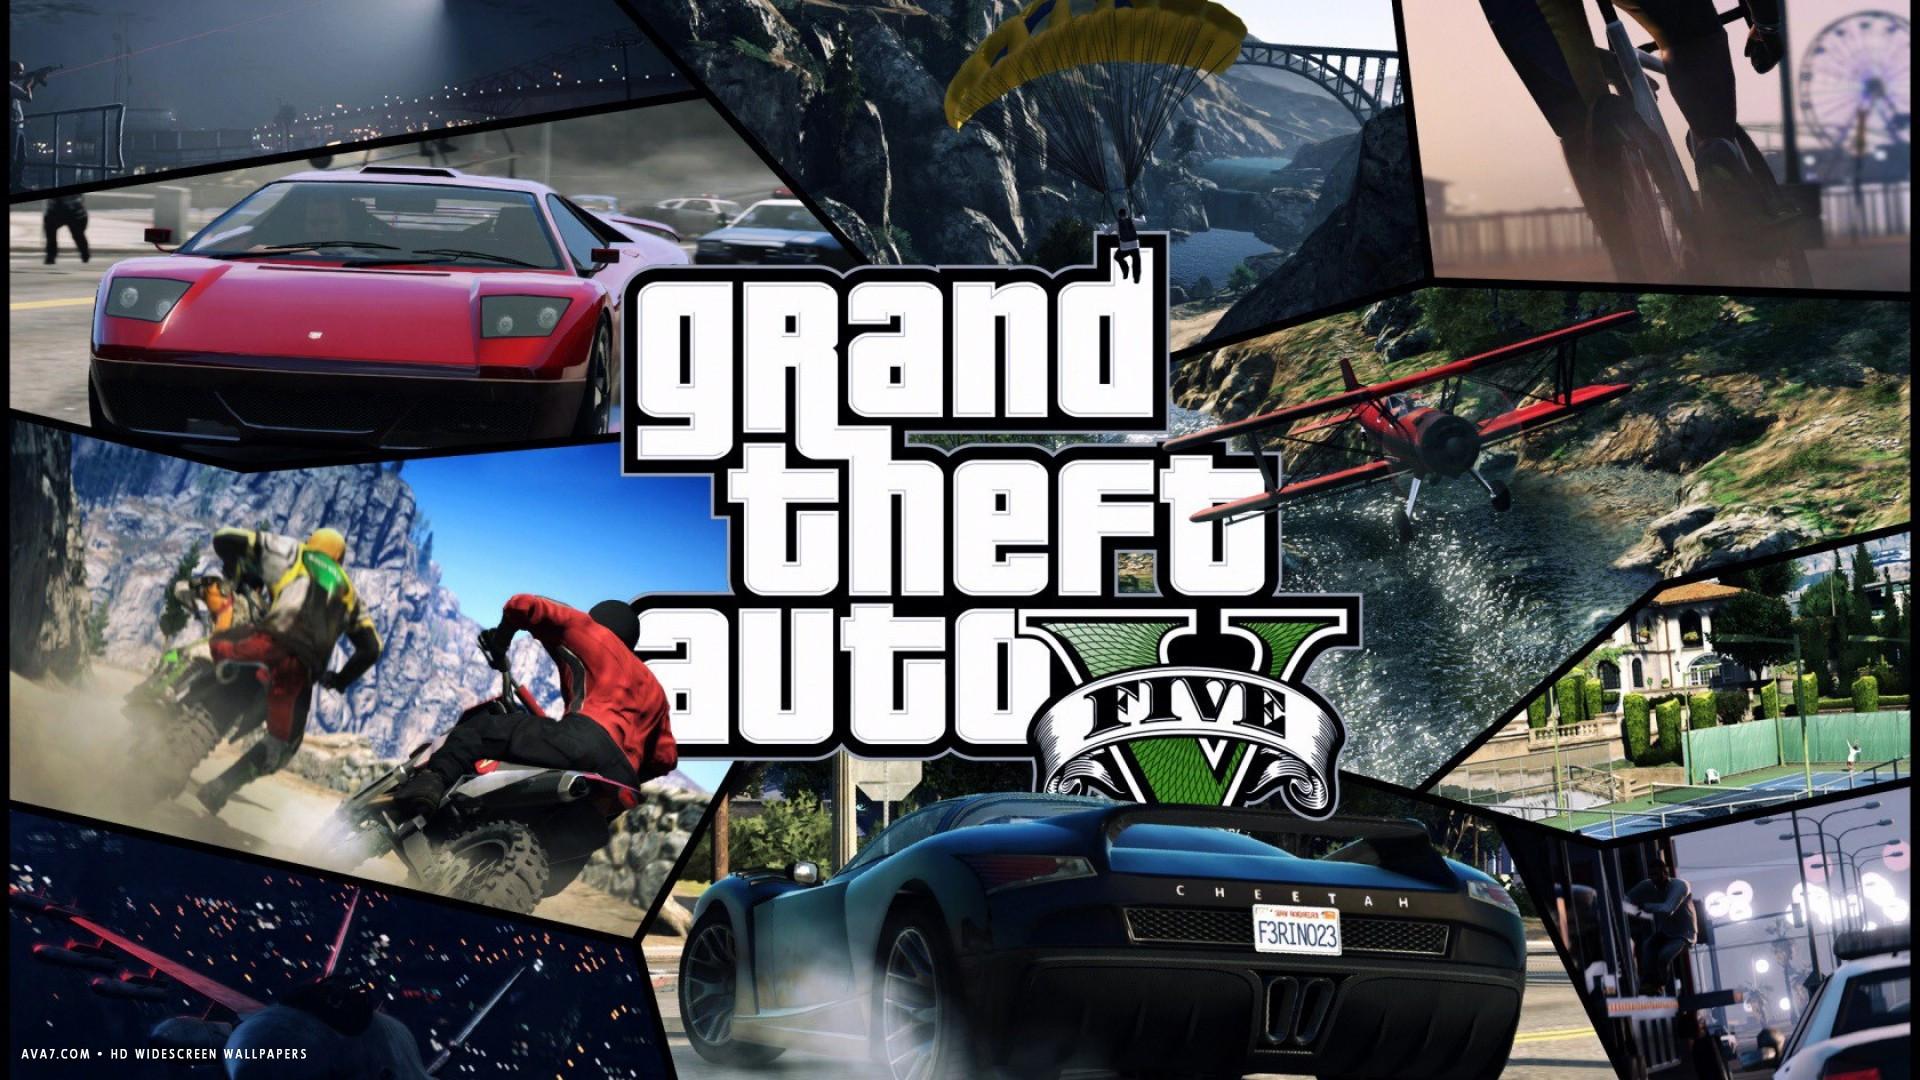 Gta 5 Game Tiles Gta V Grand Theft Auto 5 Hd Widescreen - Gta V Wallpaper 4k , HD Wallpaper & Backgrounds